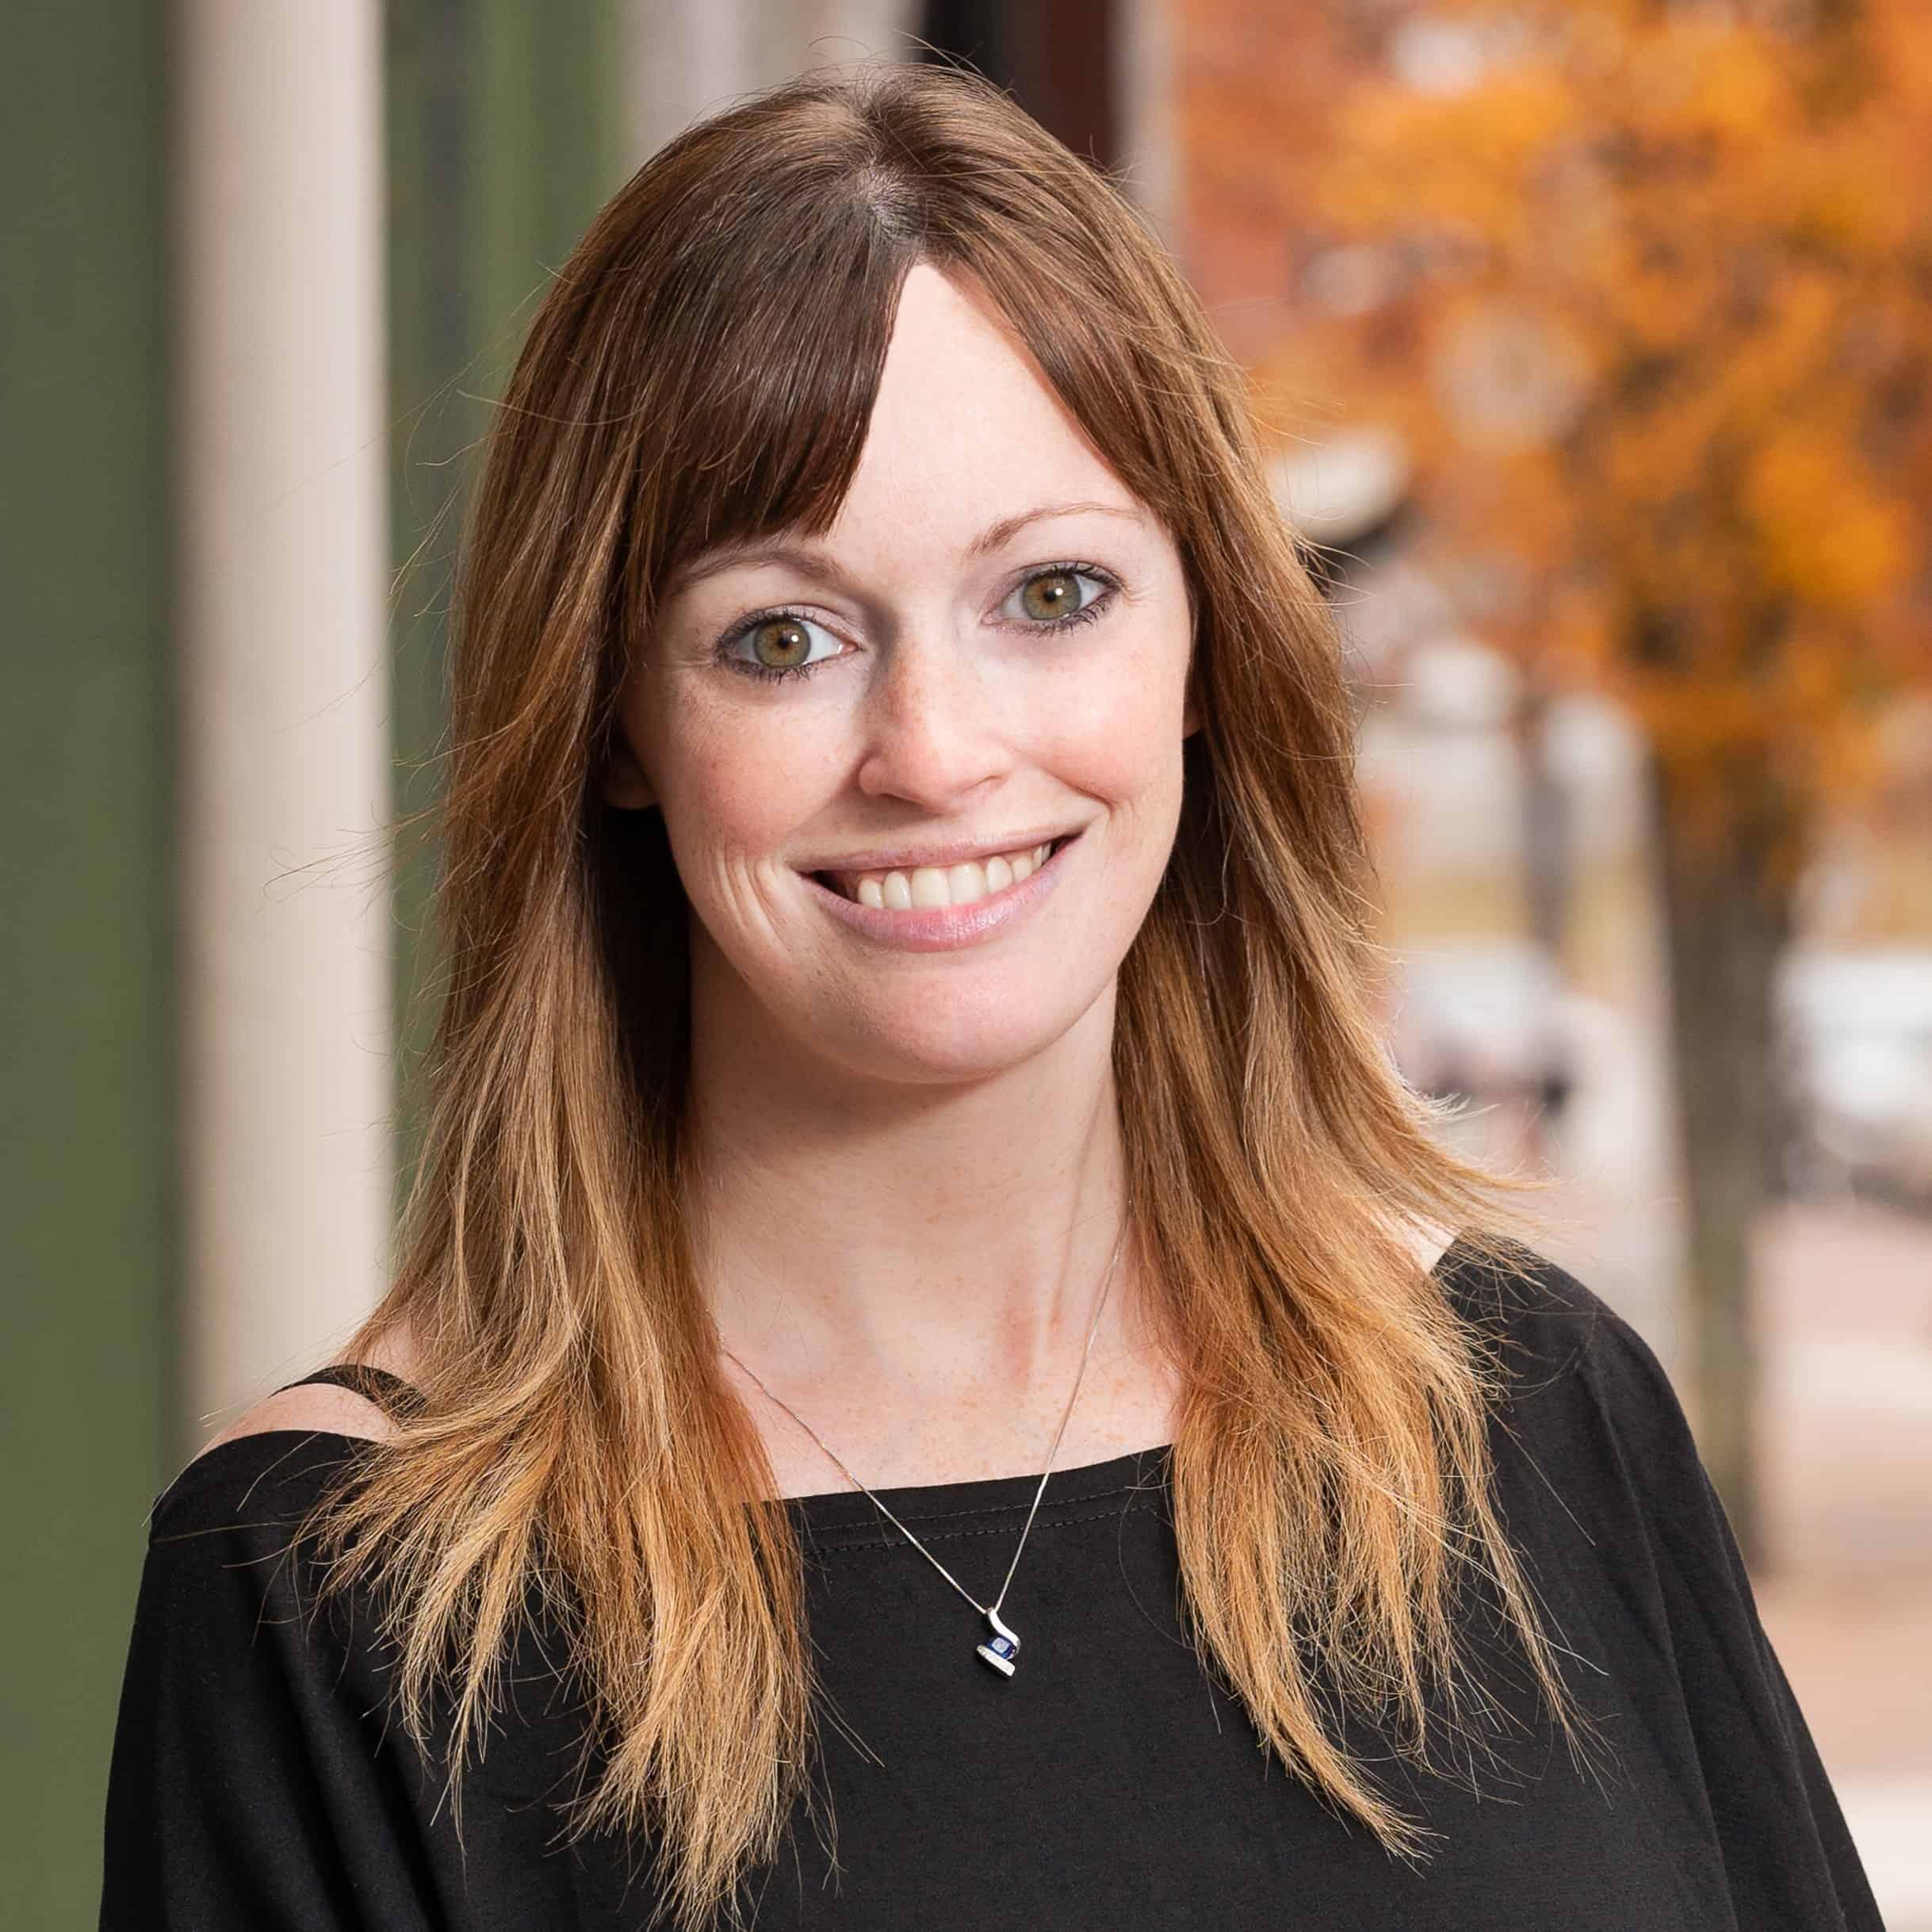 Kaylyn Metivier